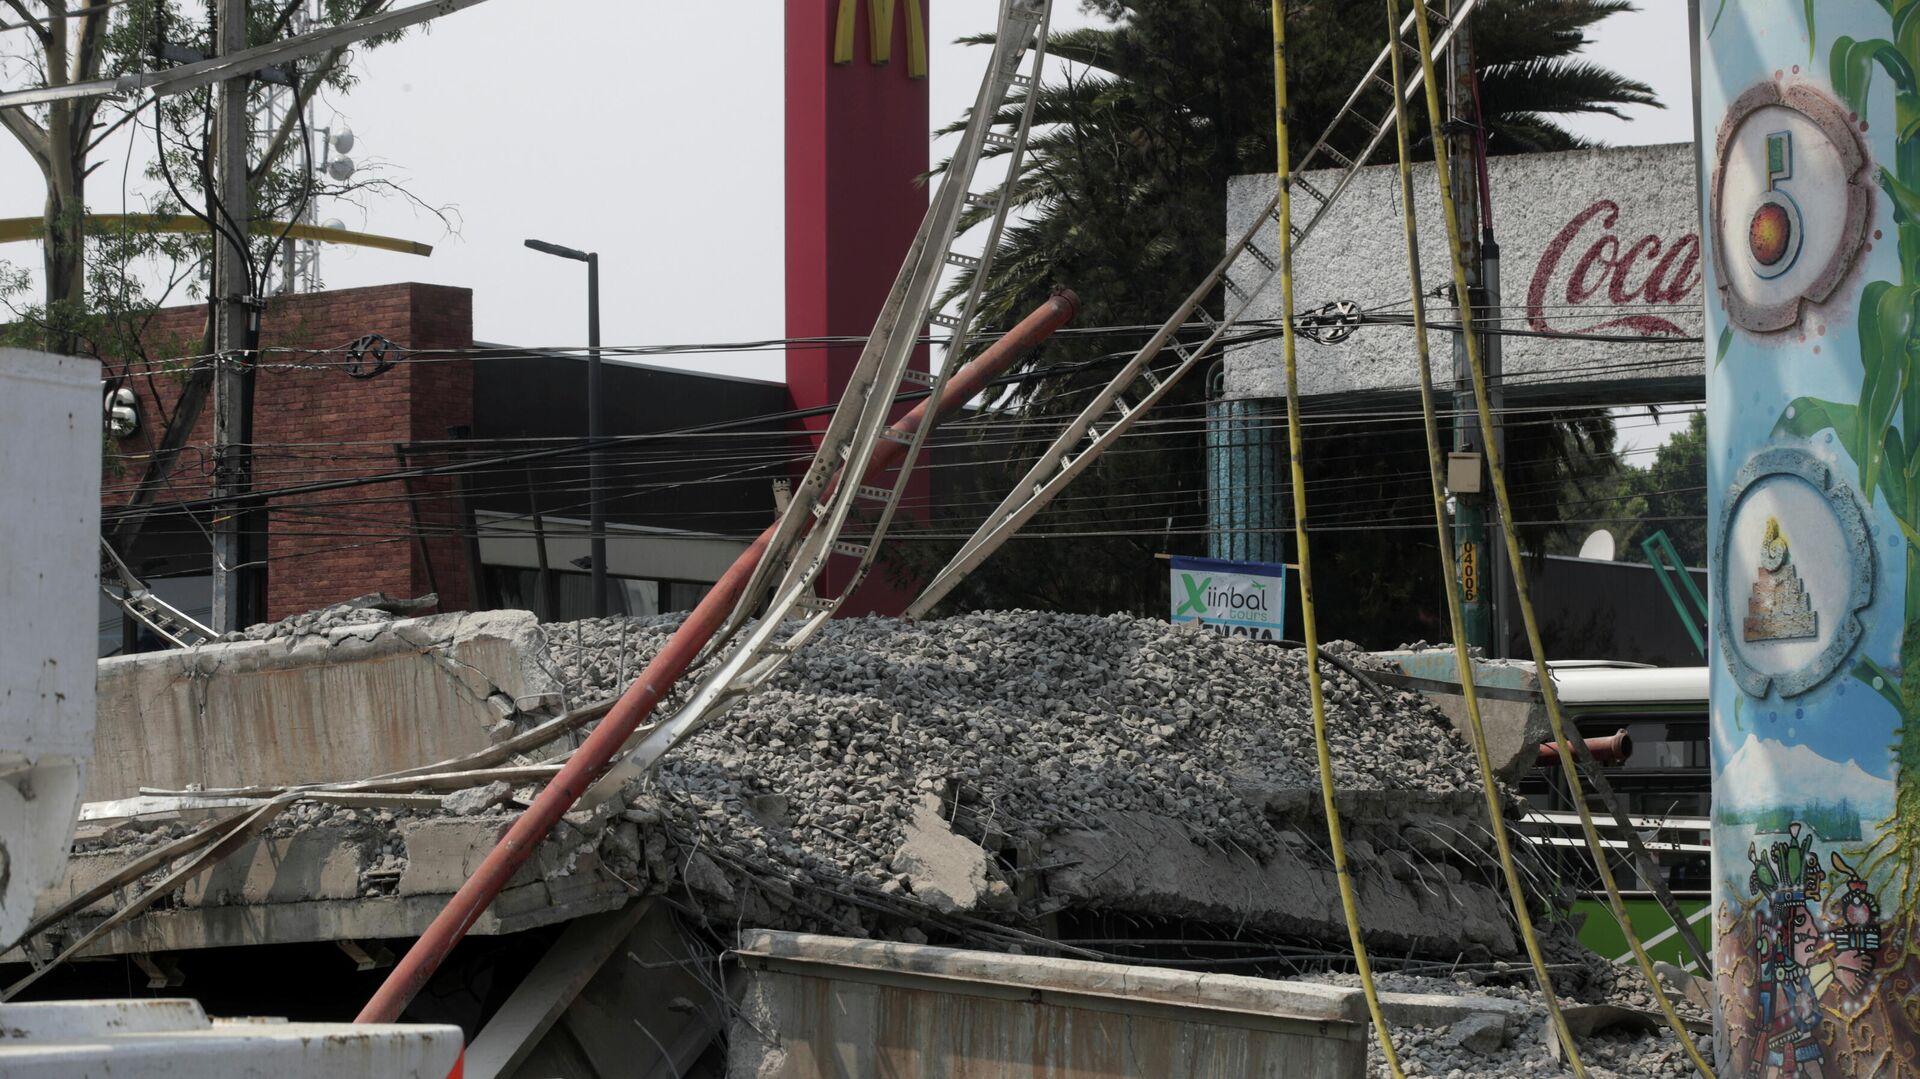 Se desploma un puente de metro de la Ciudad de México - Sputnik Mundo, 1920, 06.05.2021